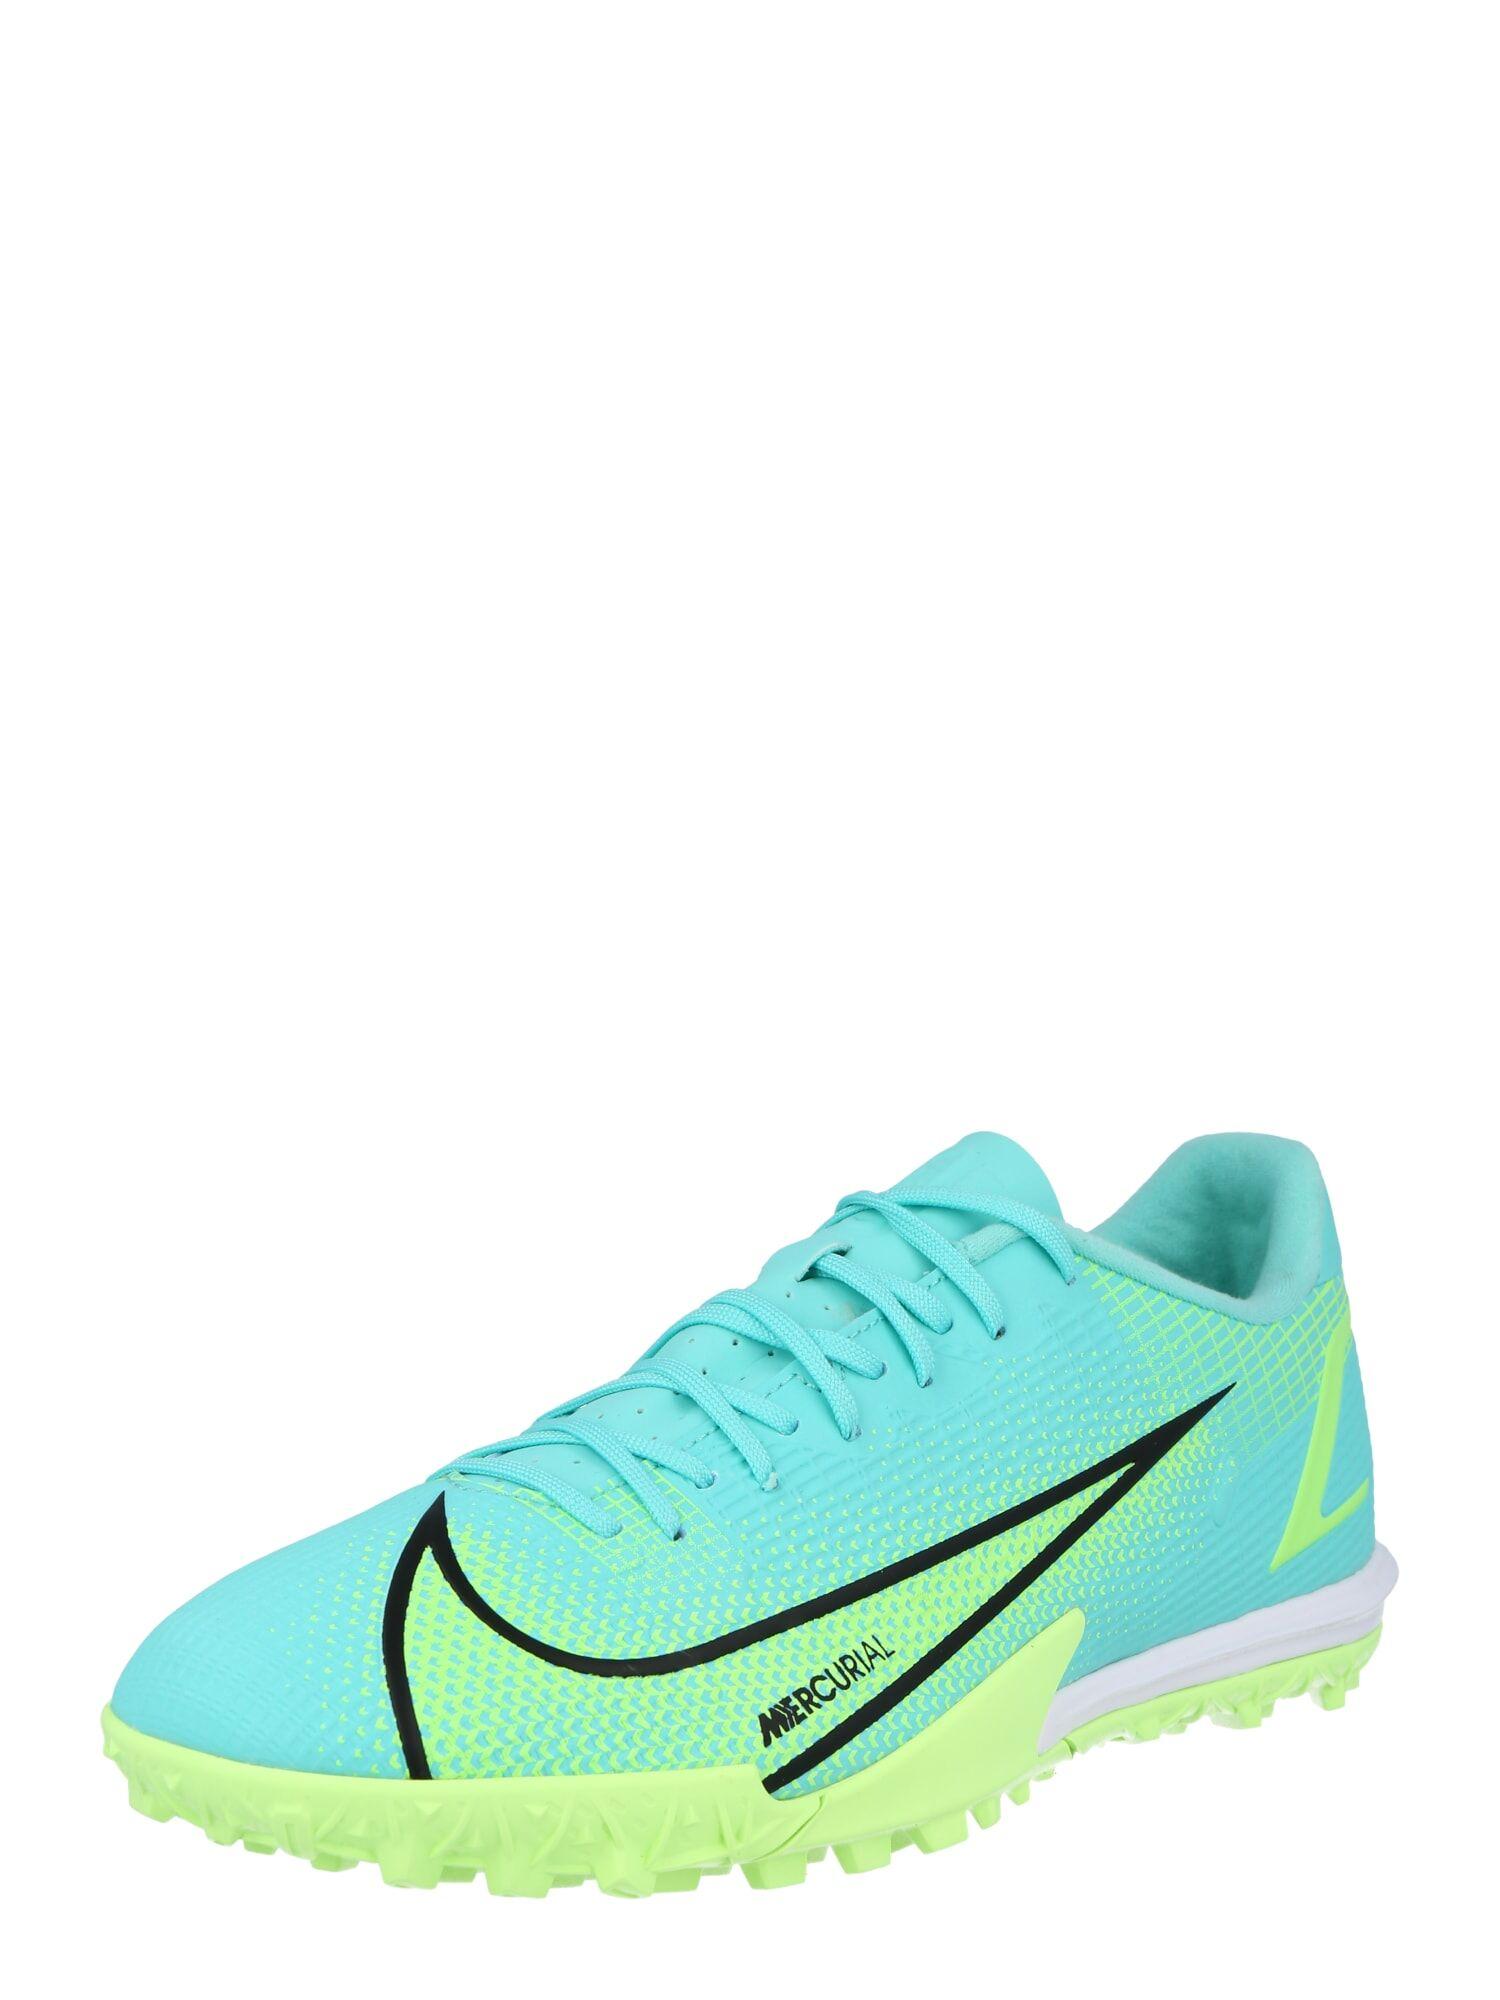 NIKE Scarpa da calcio 'Mercurial Vapor 14 Academy' Blu